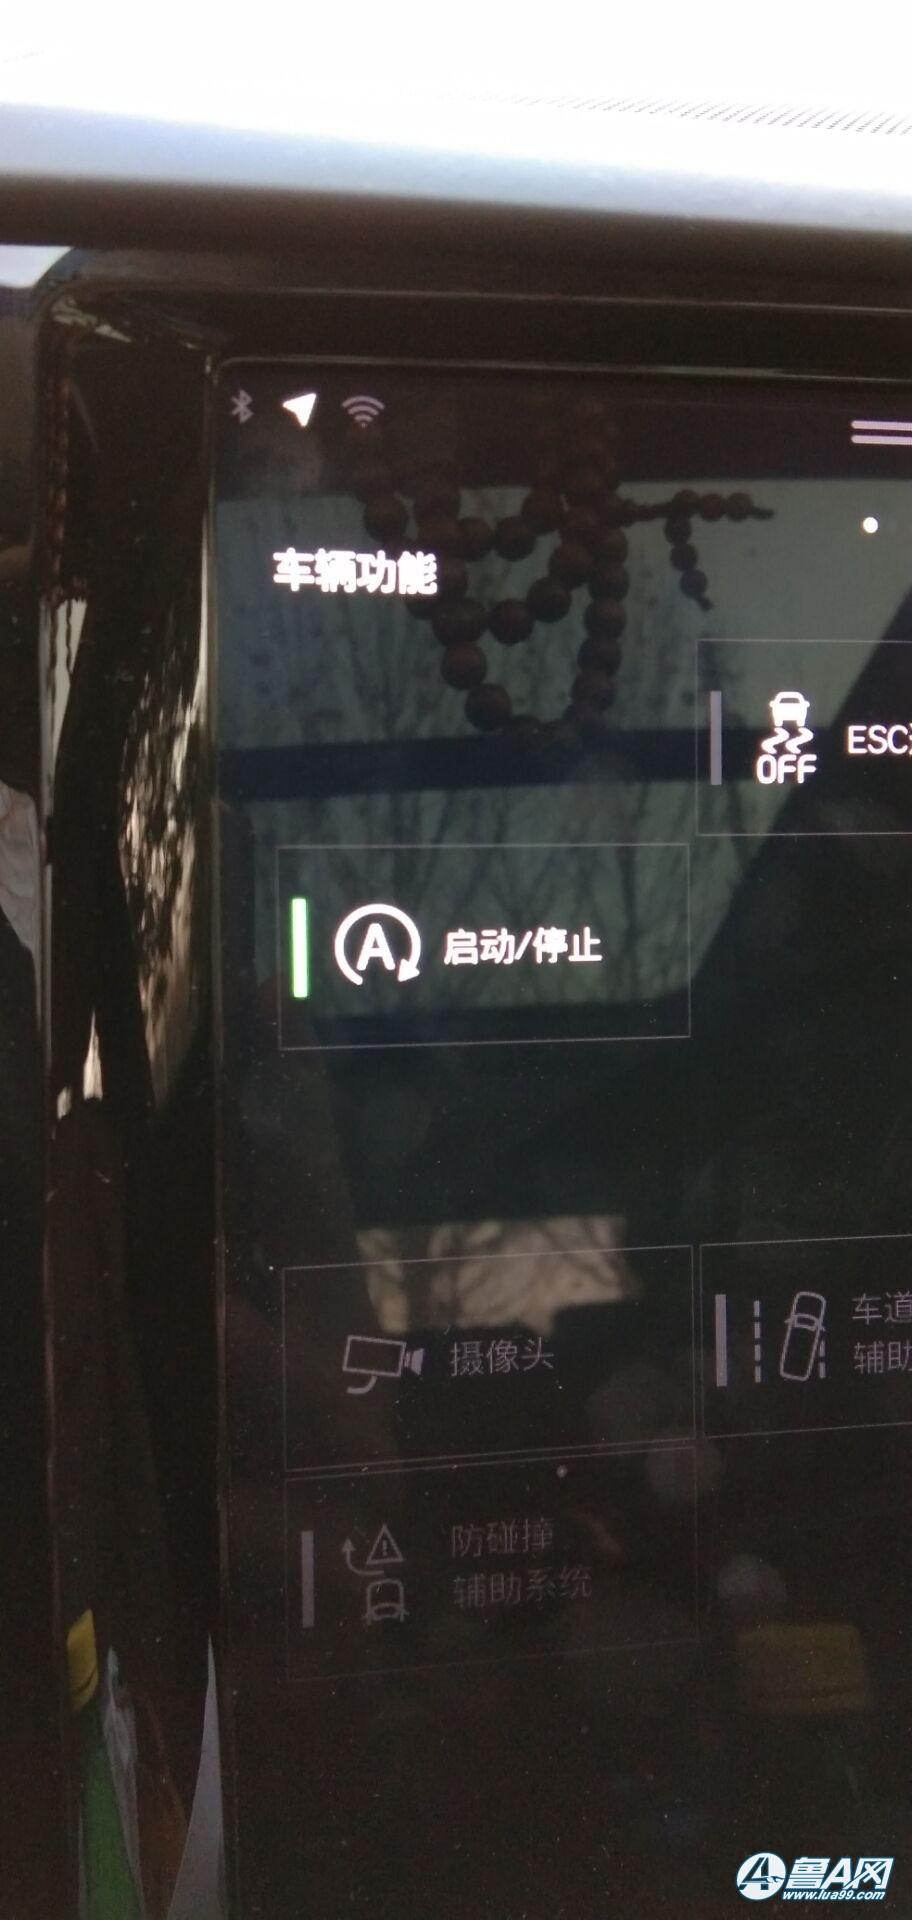 沃尔沃XC60自动起停功能怎么关闭?